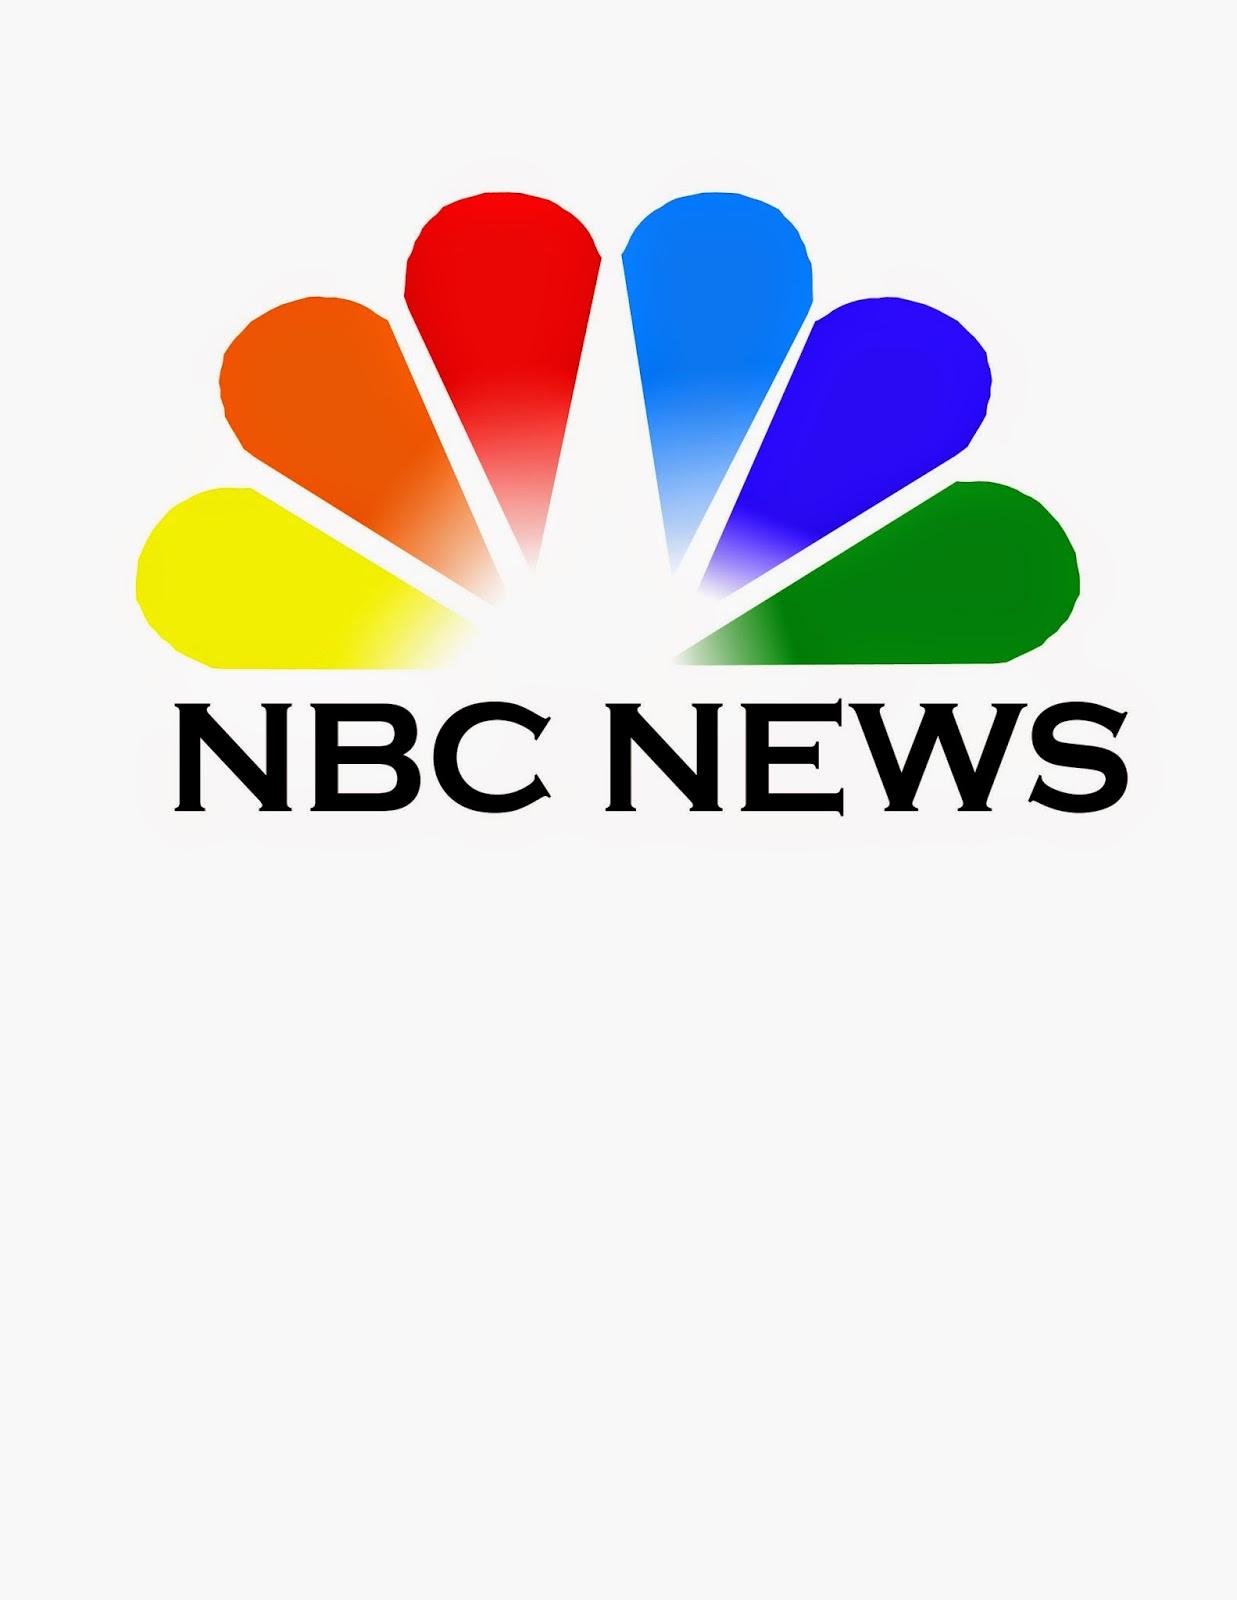 nbc 4 logo bing images